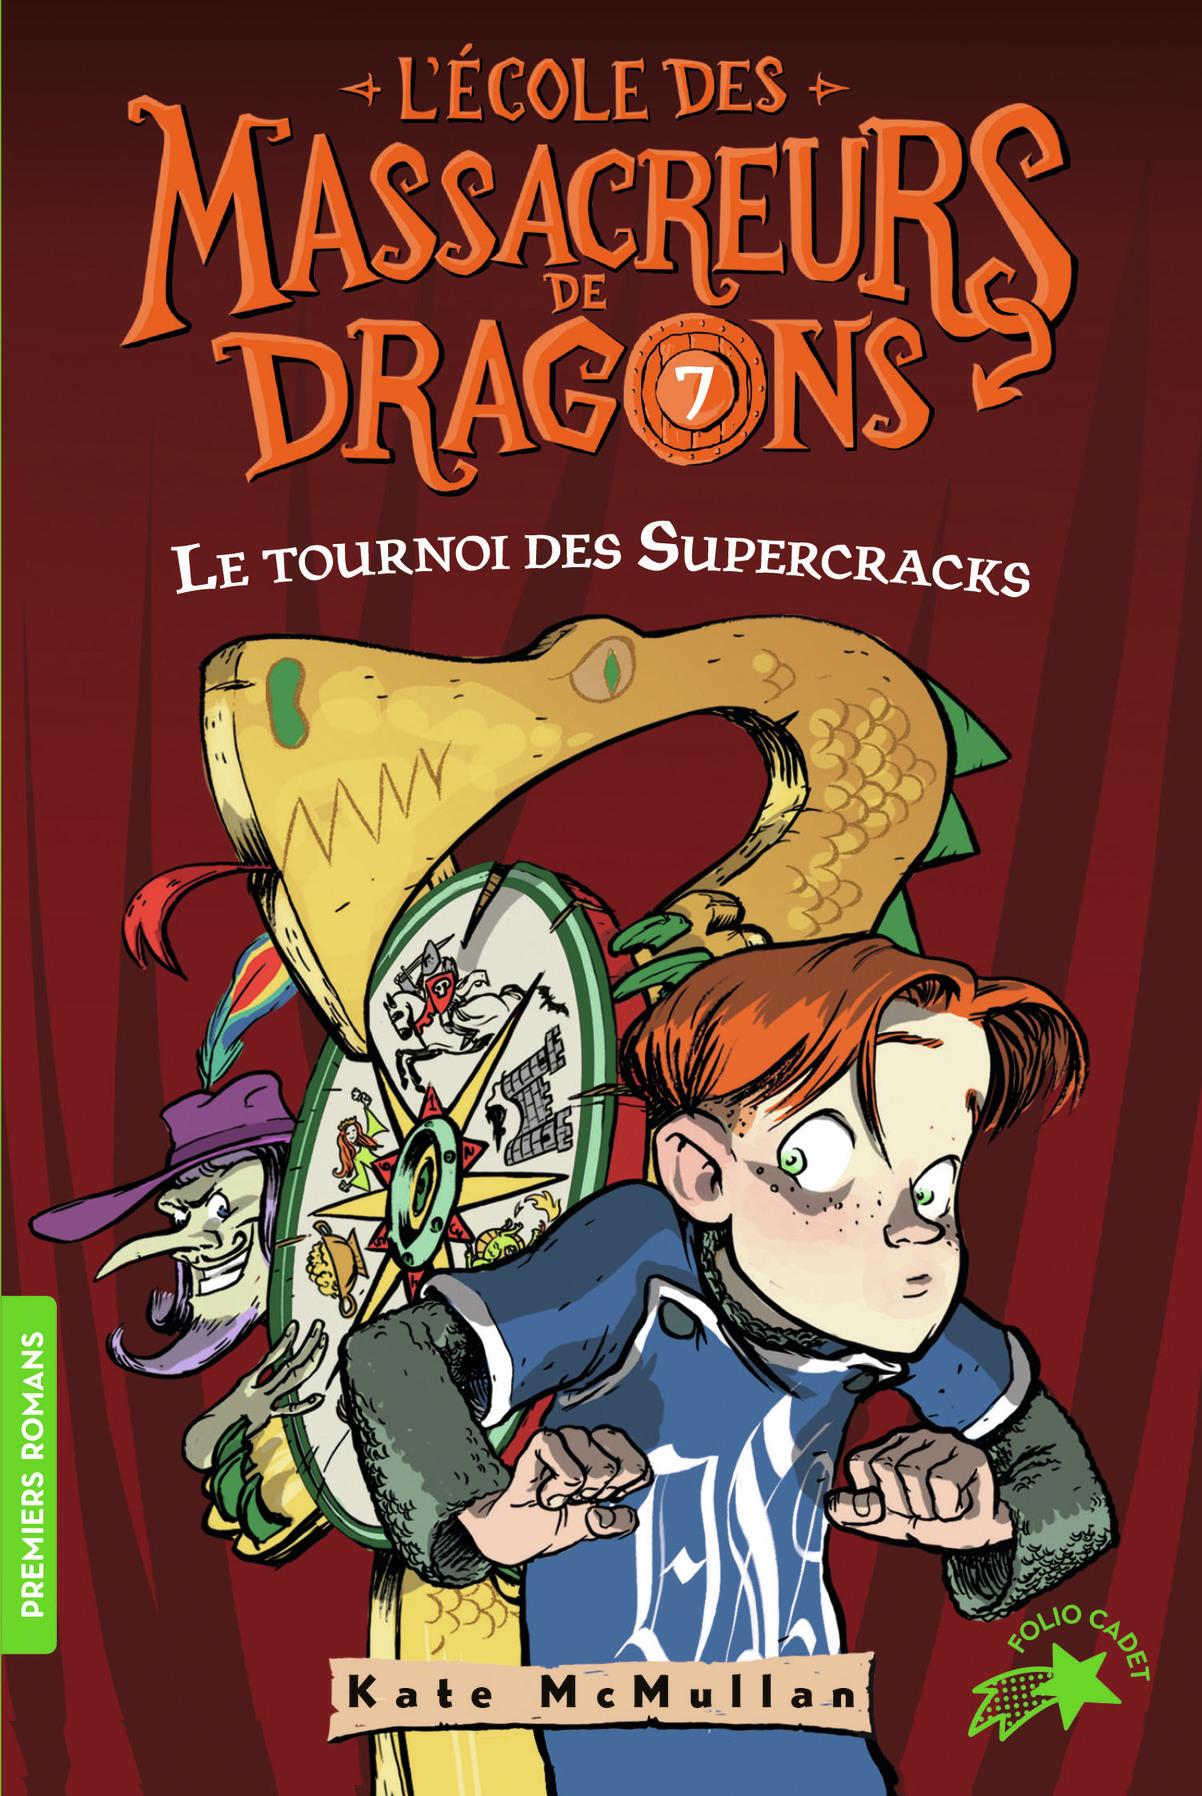 L'ECOLE DES MASSACREURS DE DRAGONS, 7 : LE TOURNOI DES SUPERCRACKS